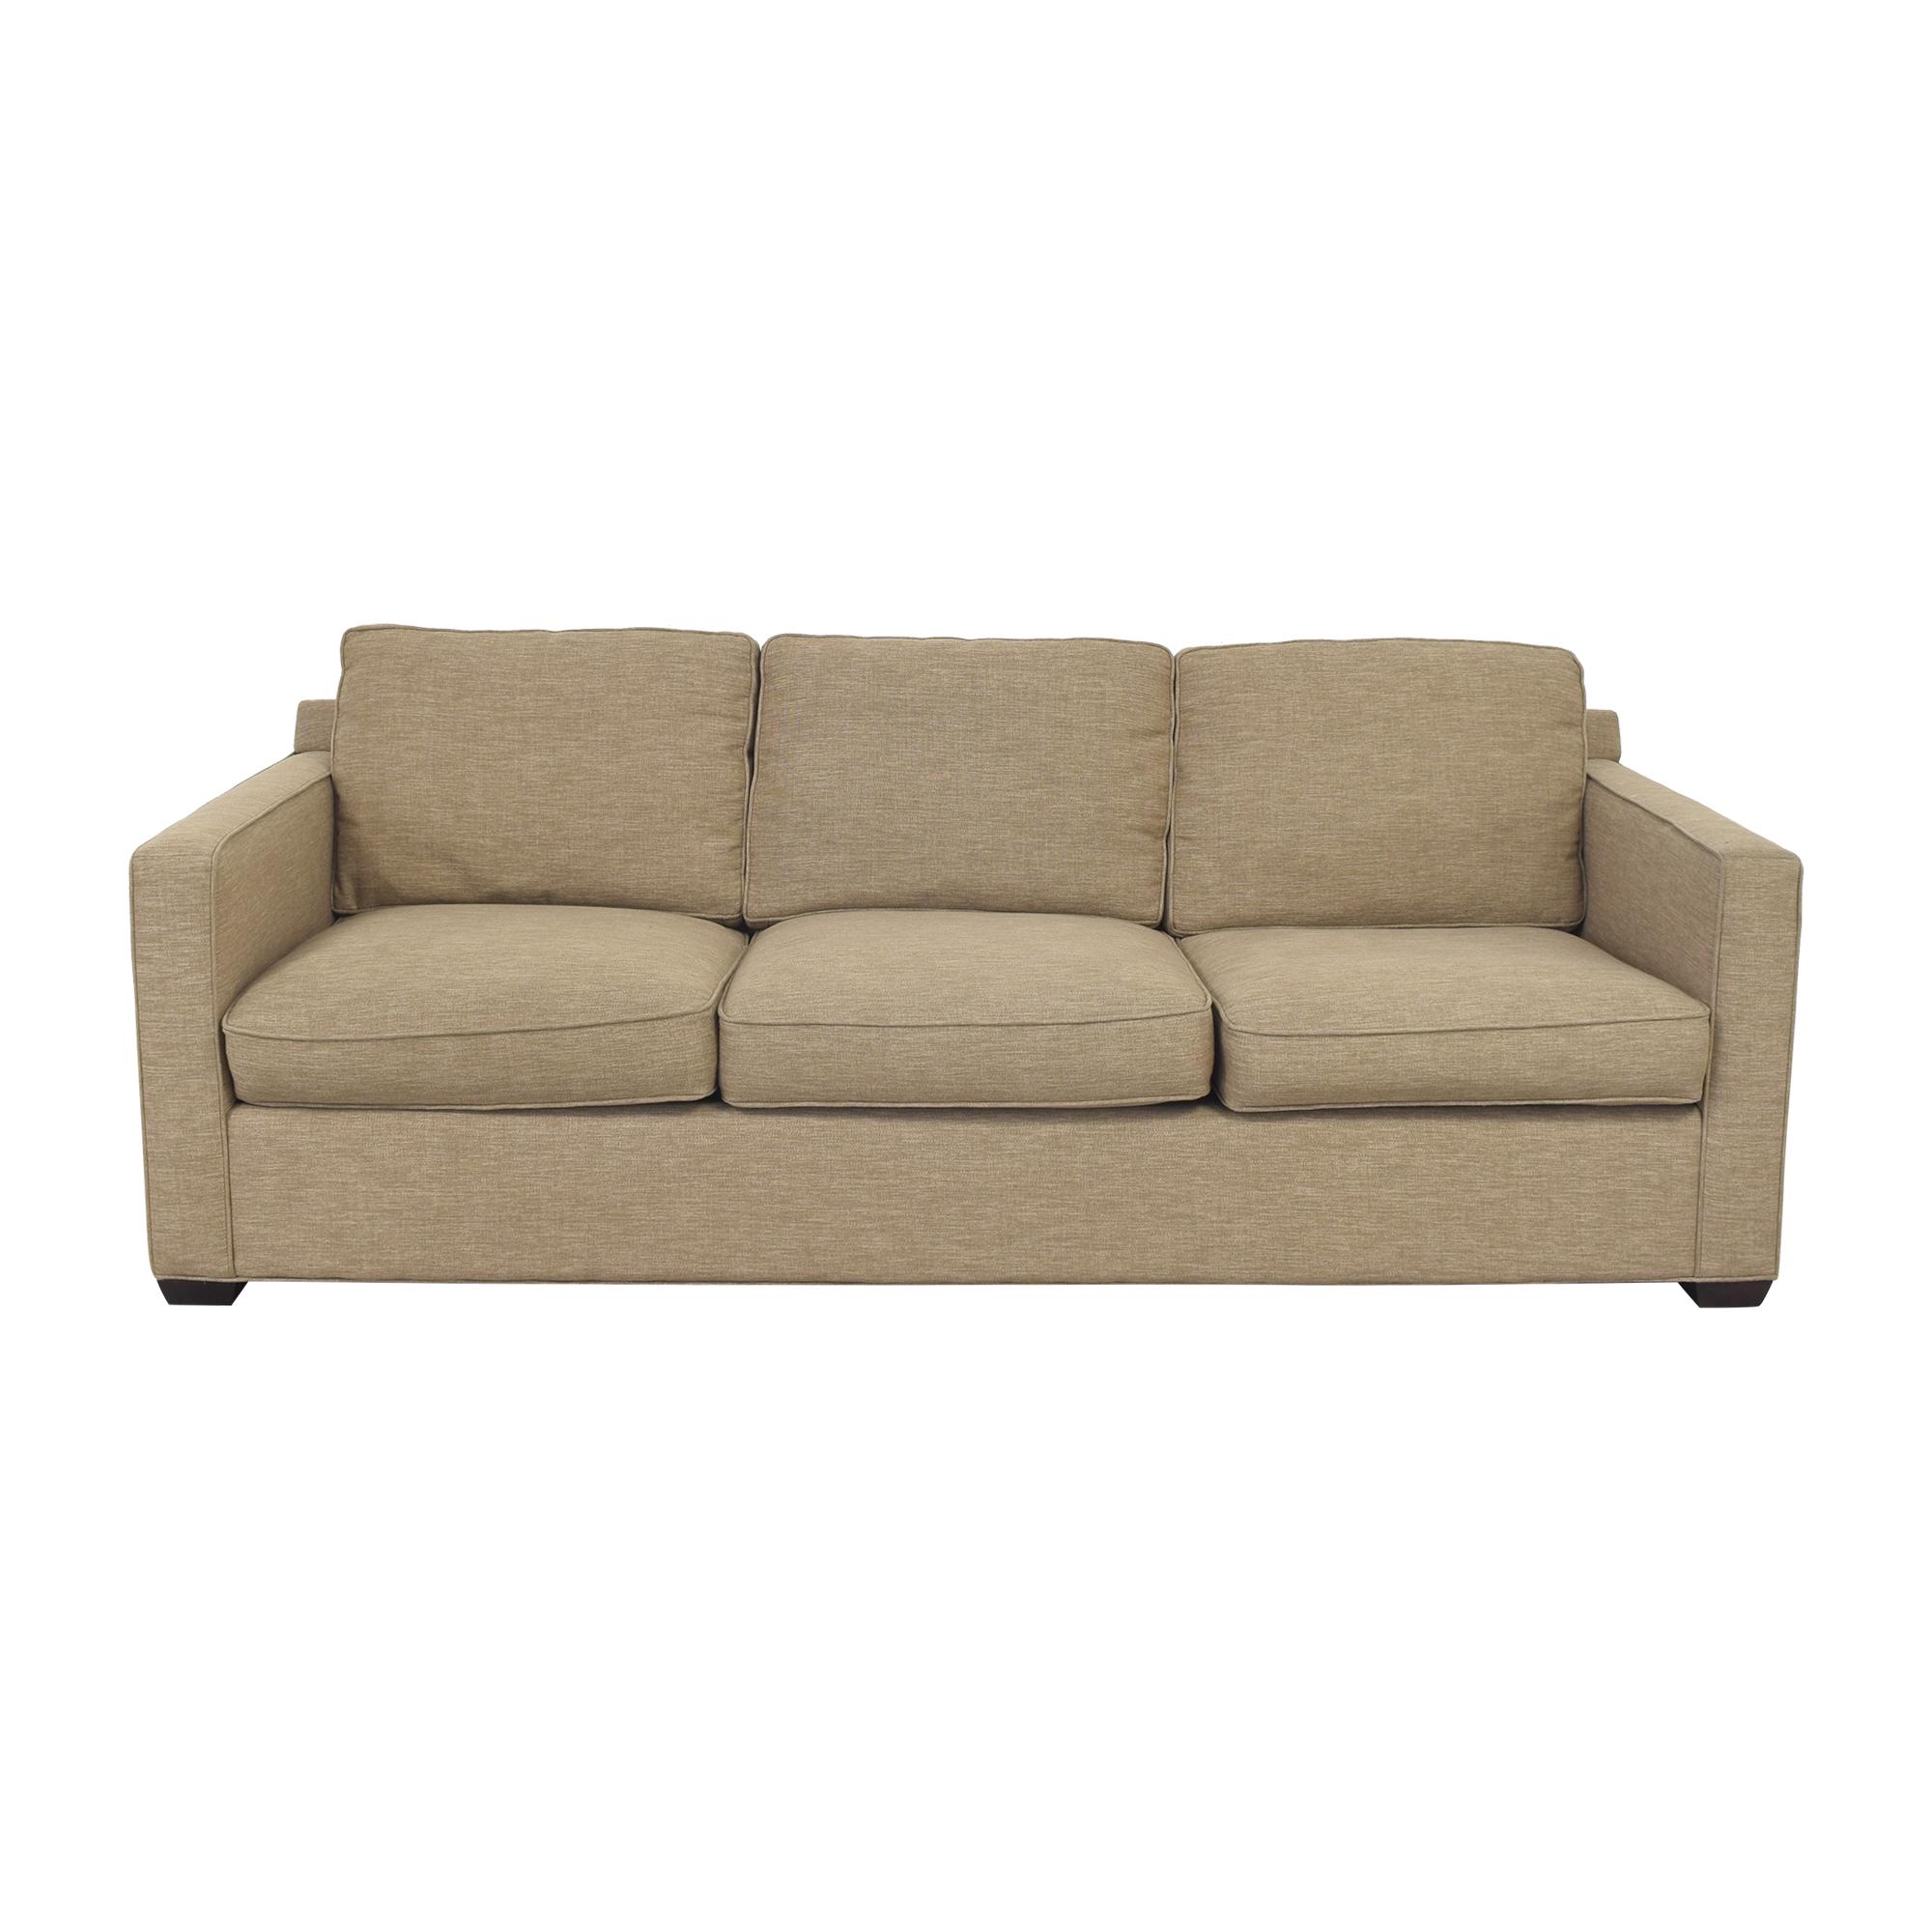 shop Crate & Barrel Davis 3 Seat Sofa Crate & Barrel Sofas